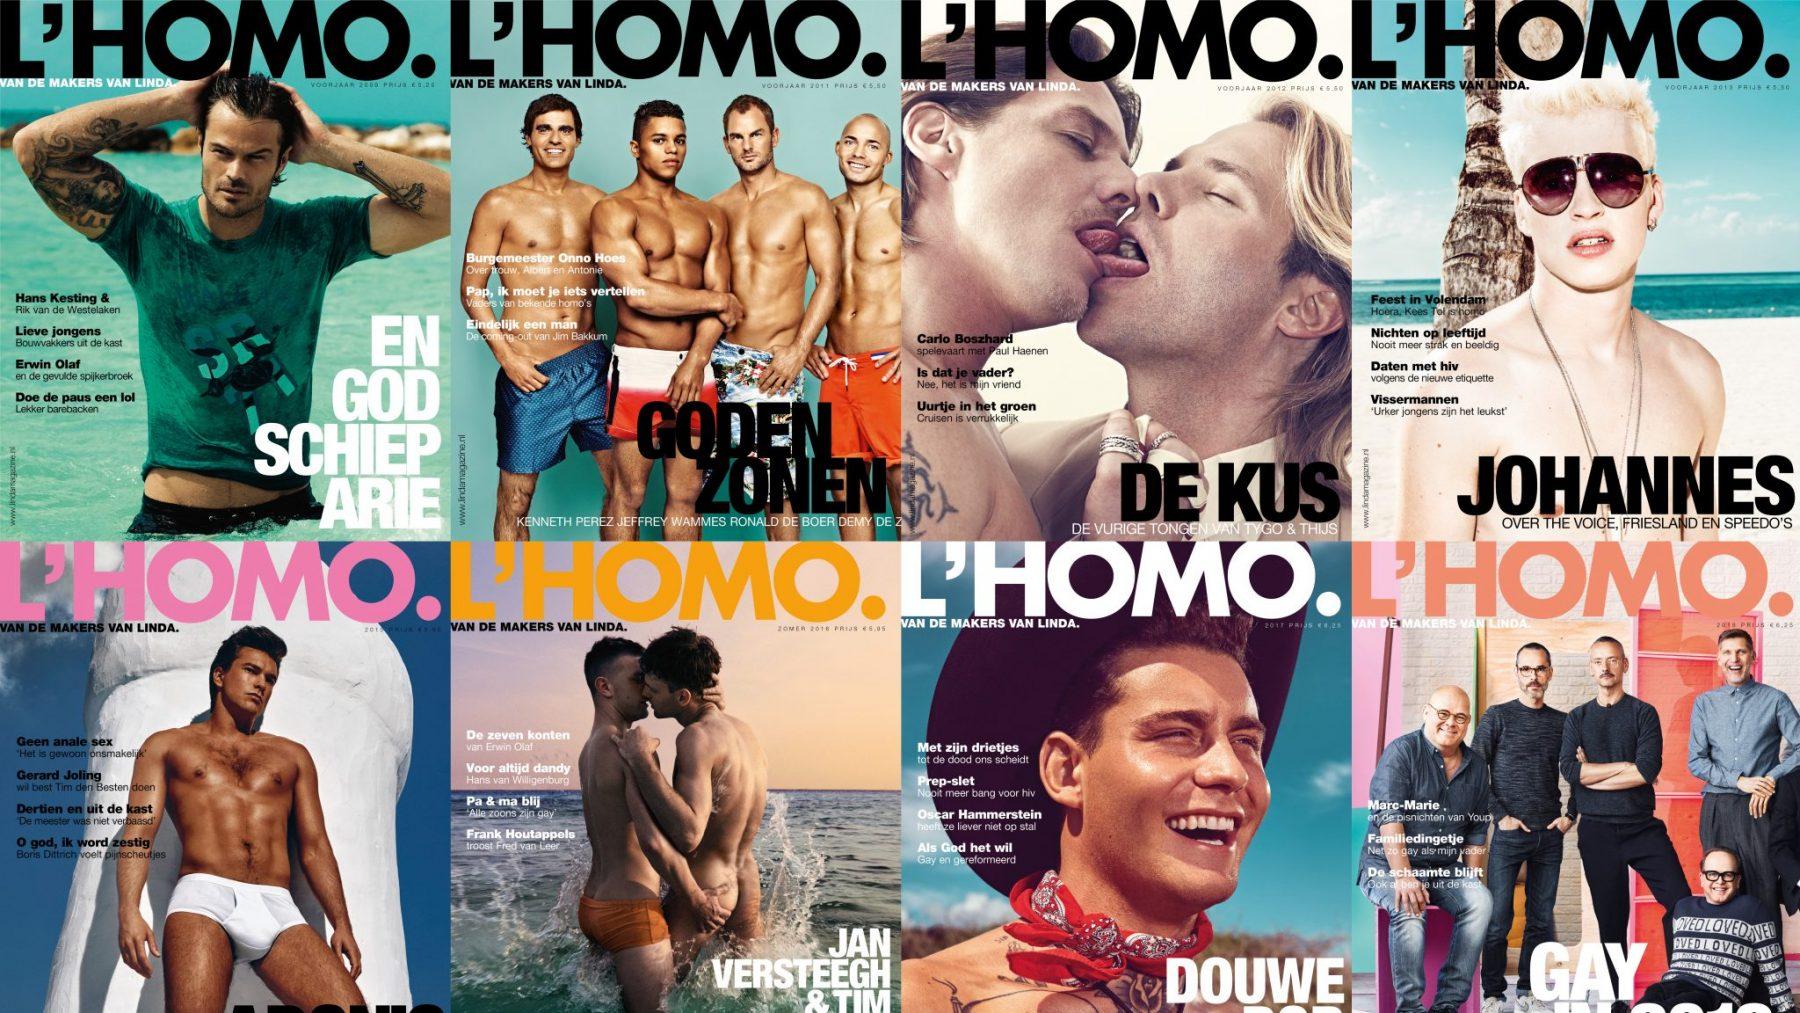 L'HOMO Le Book komt uit